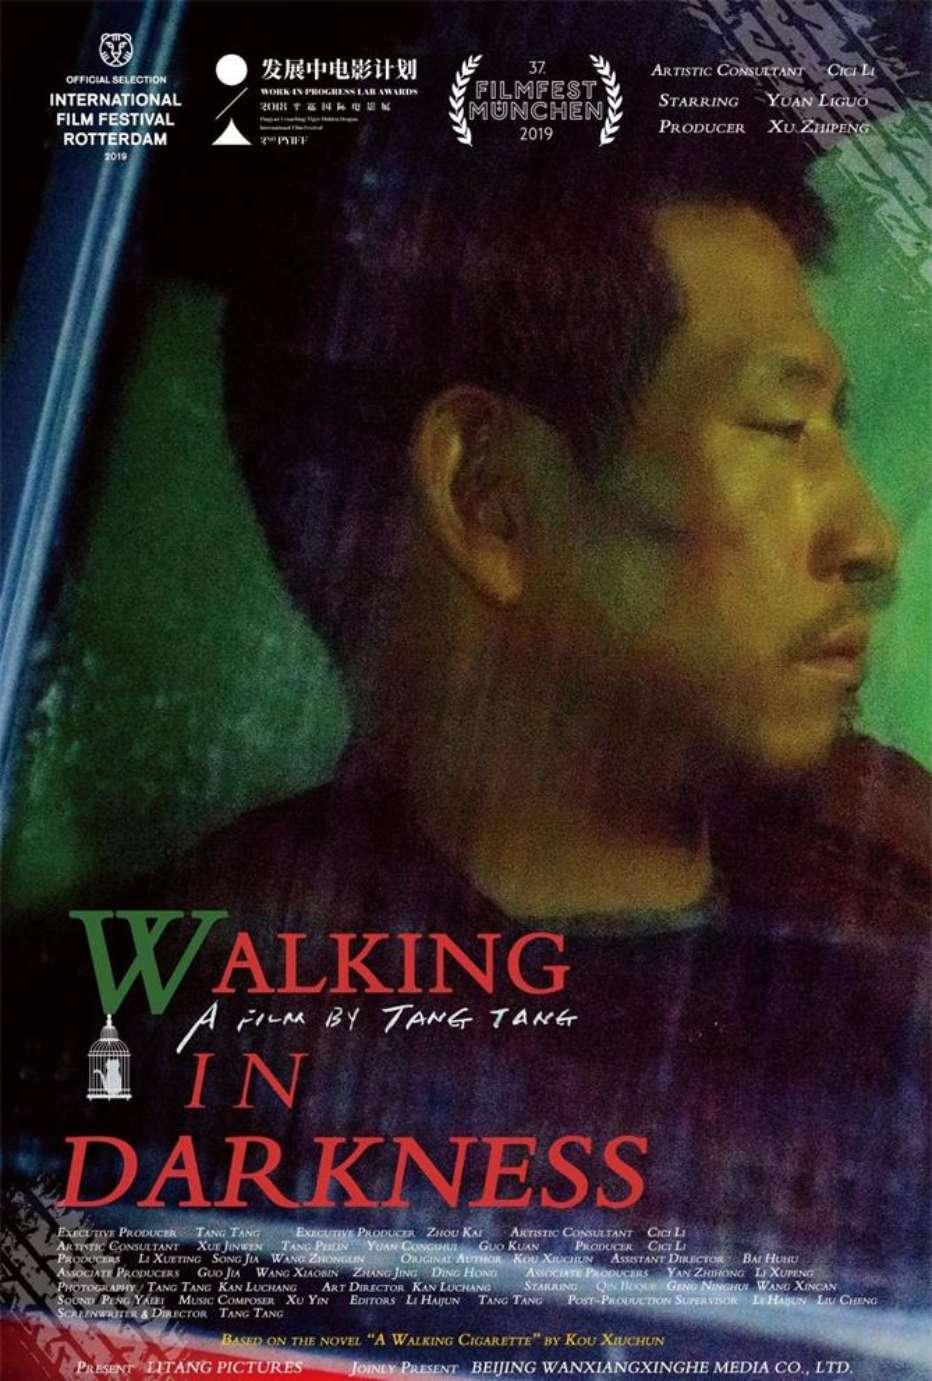 Walking-in-darkness-2019-tang-yongkang-poster.jpg